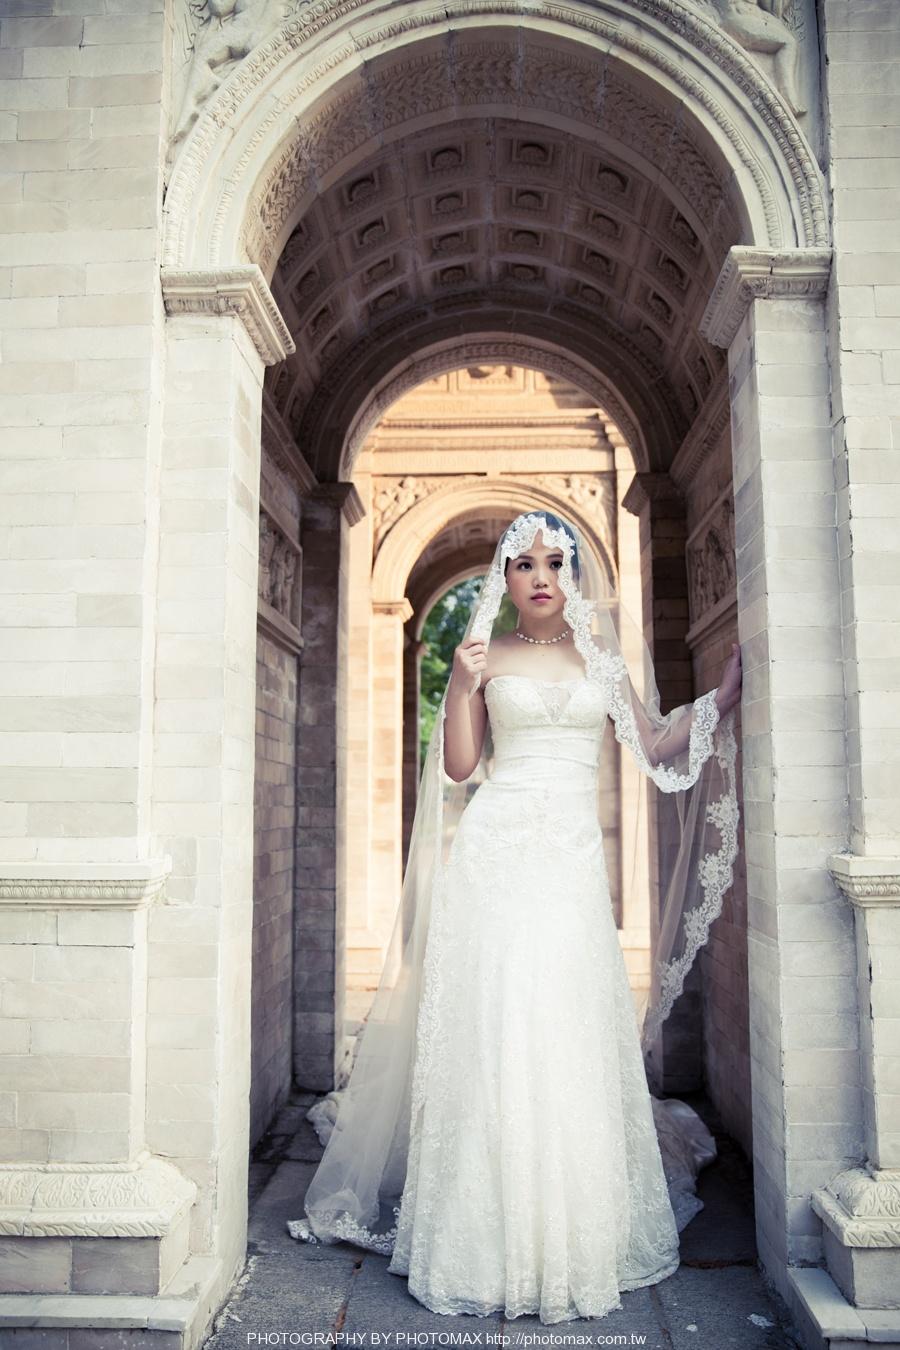 李艷萍 PHOTO MAX 老麦摄影 绕着世界拍爱情 婚纱摄影 (8)